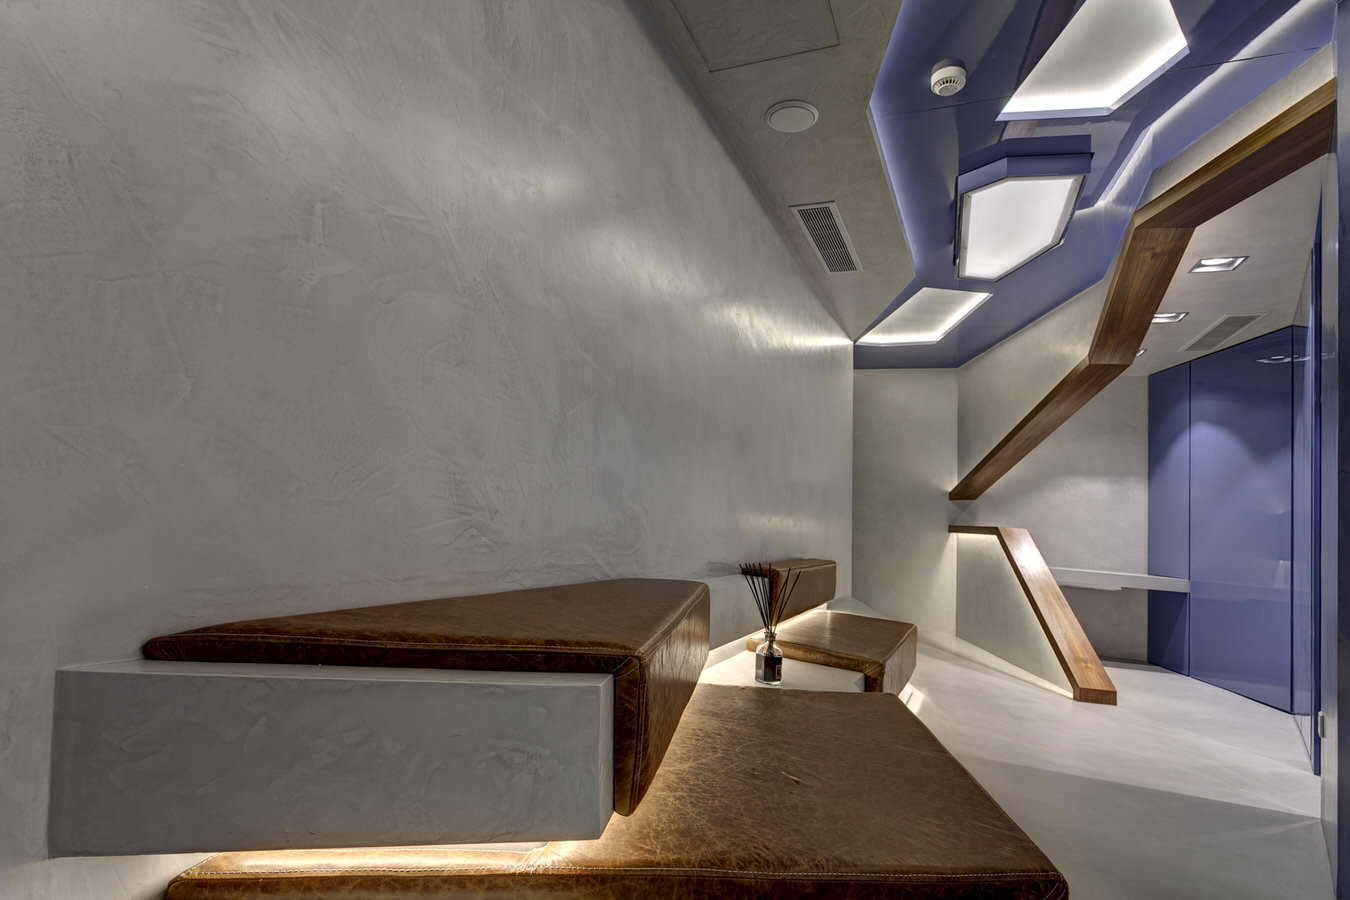 VORONOI CLINIC - George Fakaros - architectural